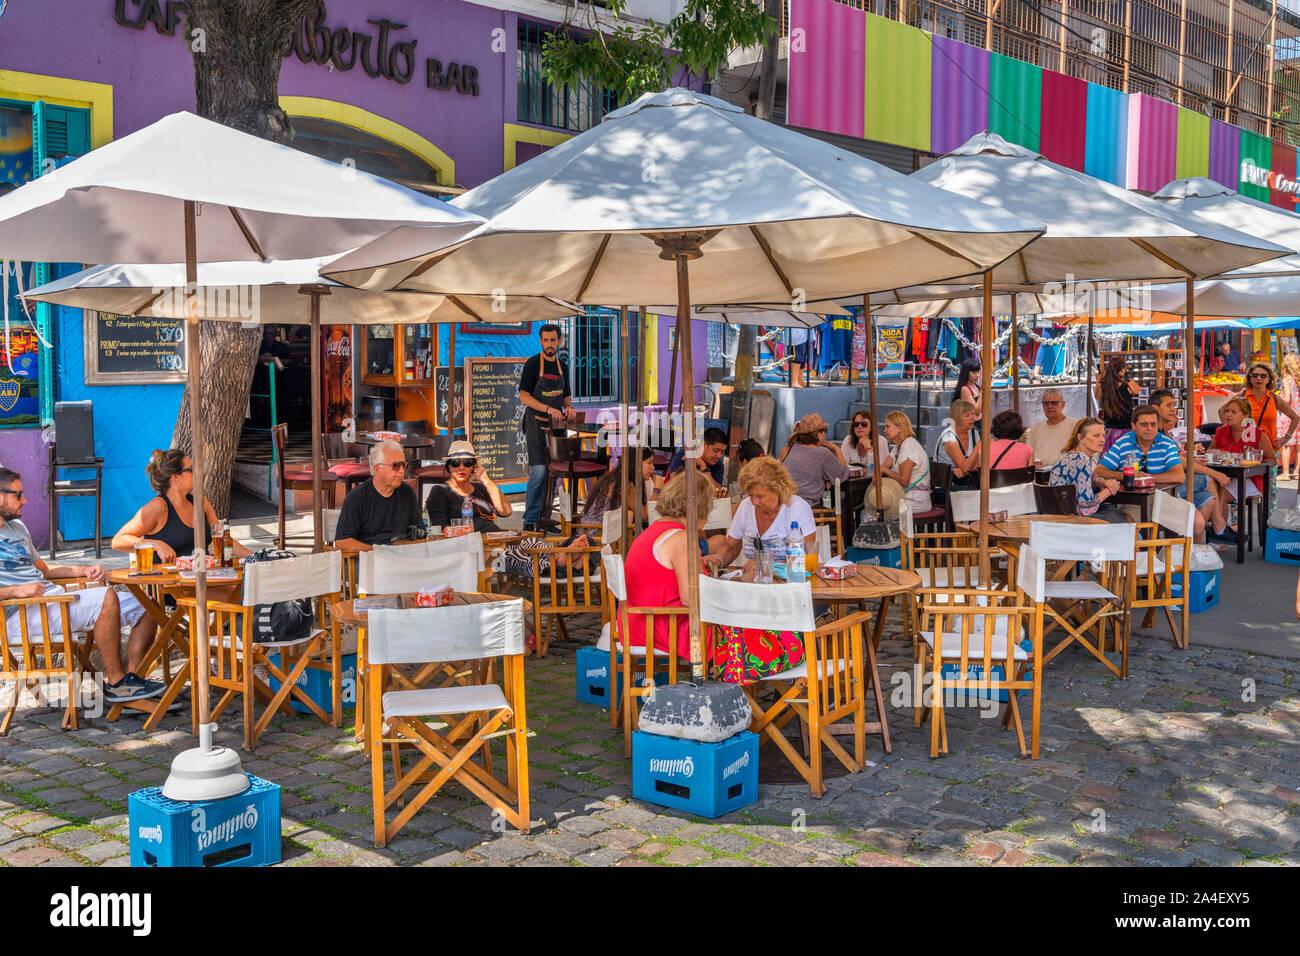 Café / Bar en Magallanes, El Caminito, la boca de distrito, Buenos Aires, Argentina Foto de stock